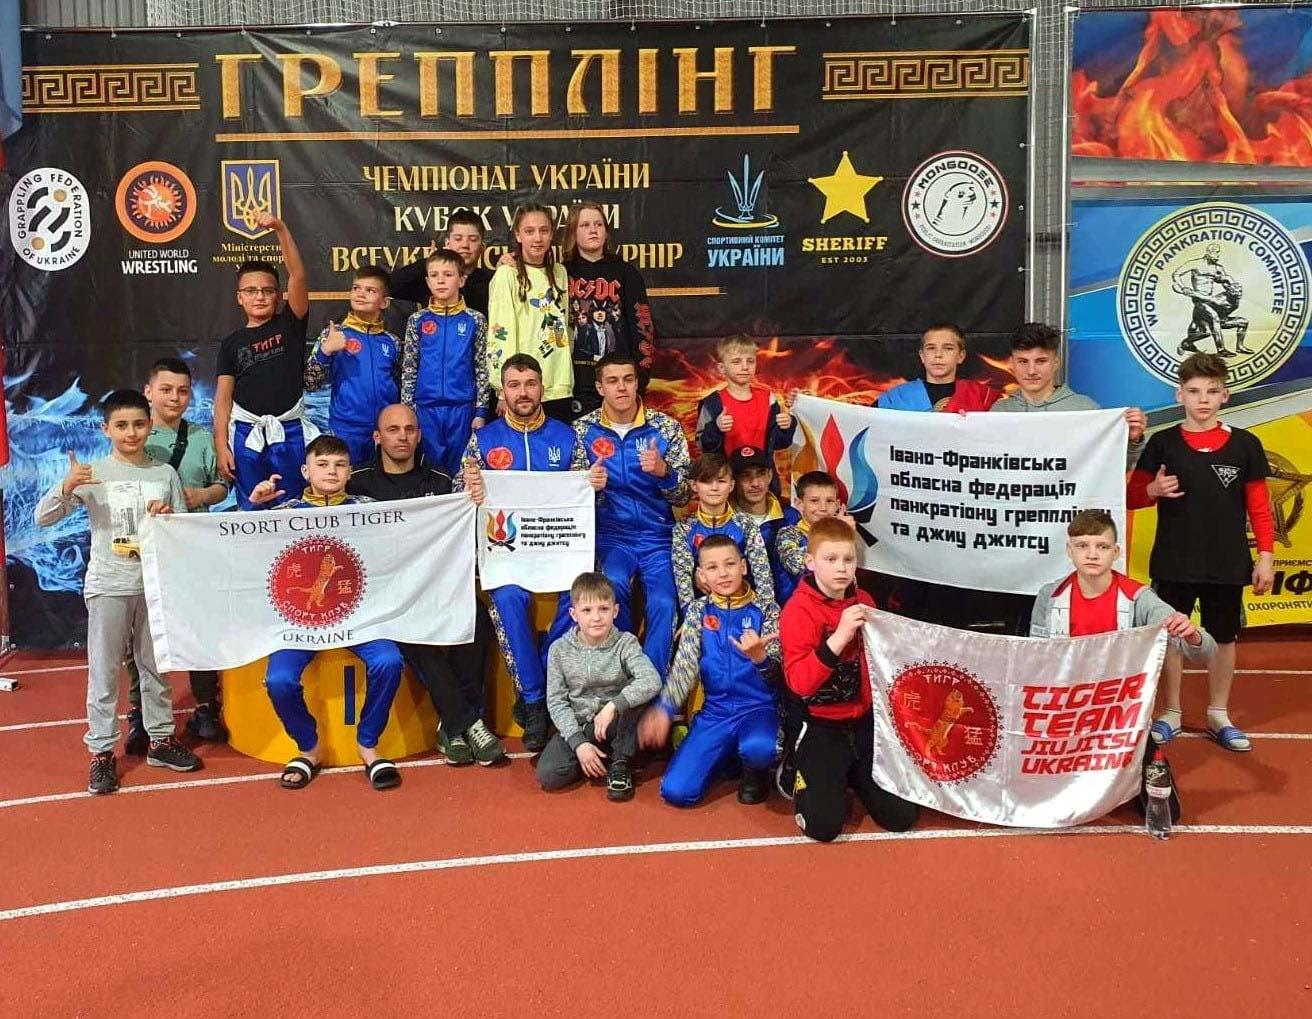 Третє місце посіли юні прикарпатські борці на Чемпіонаті України (ФОТО)